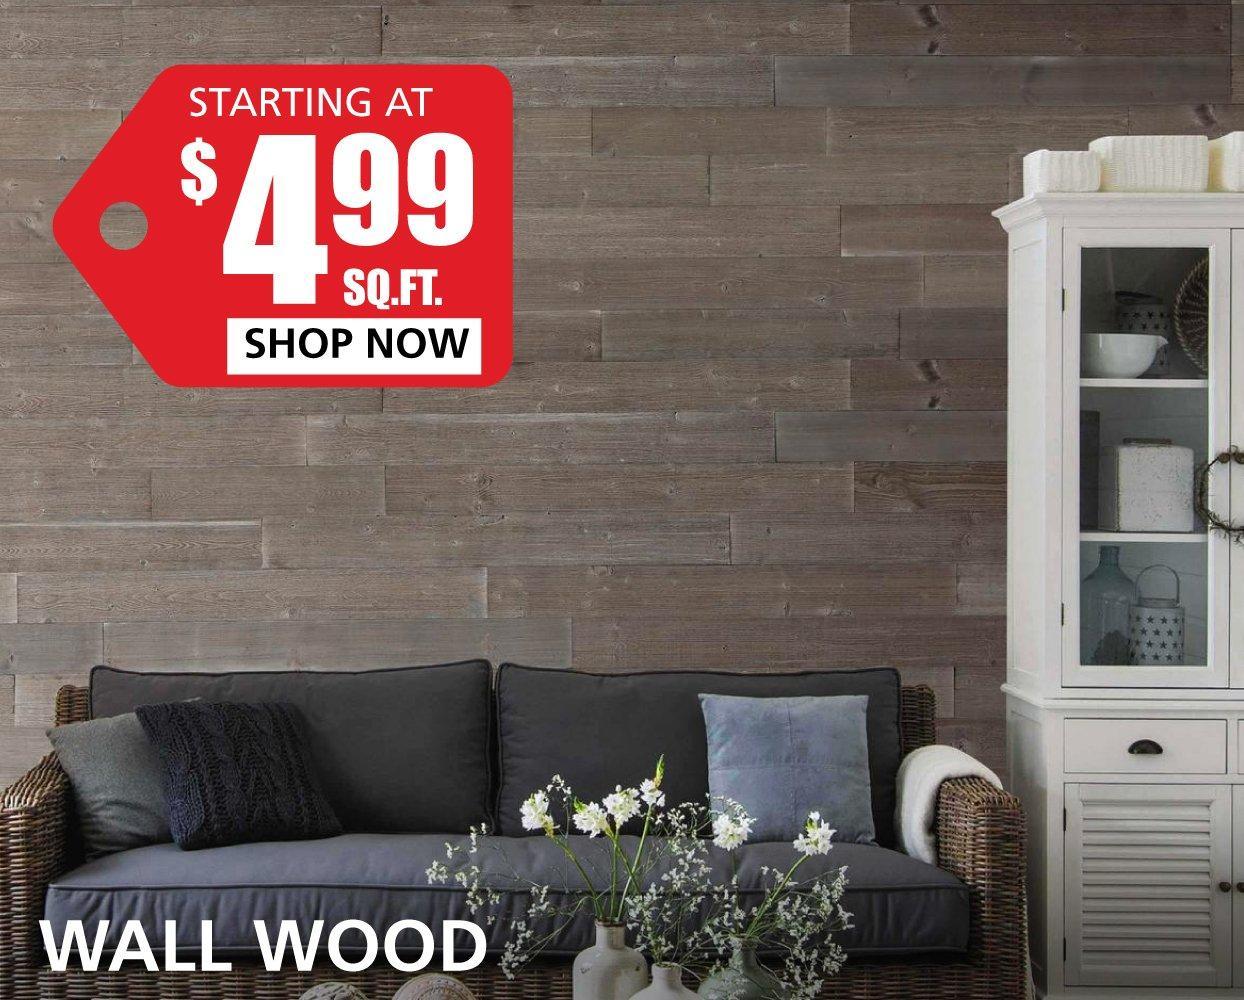 ... Wall Wood Starting At $4.99 Per Square Foot